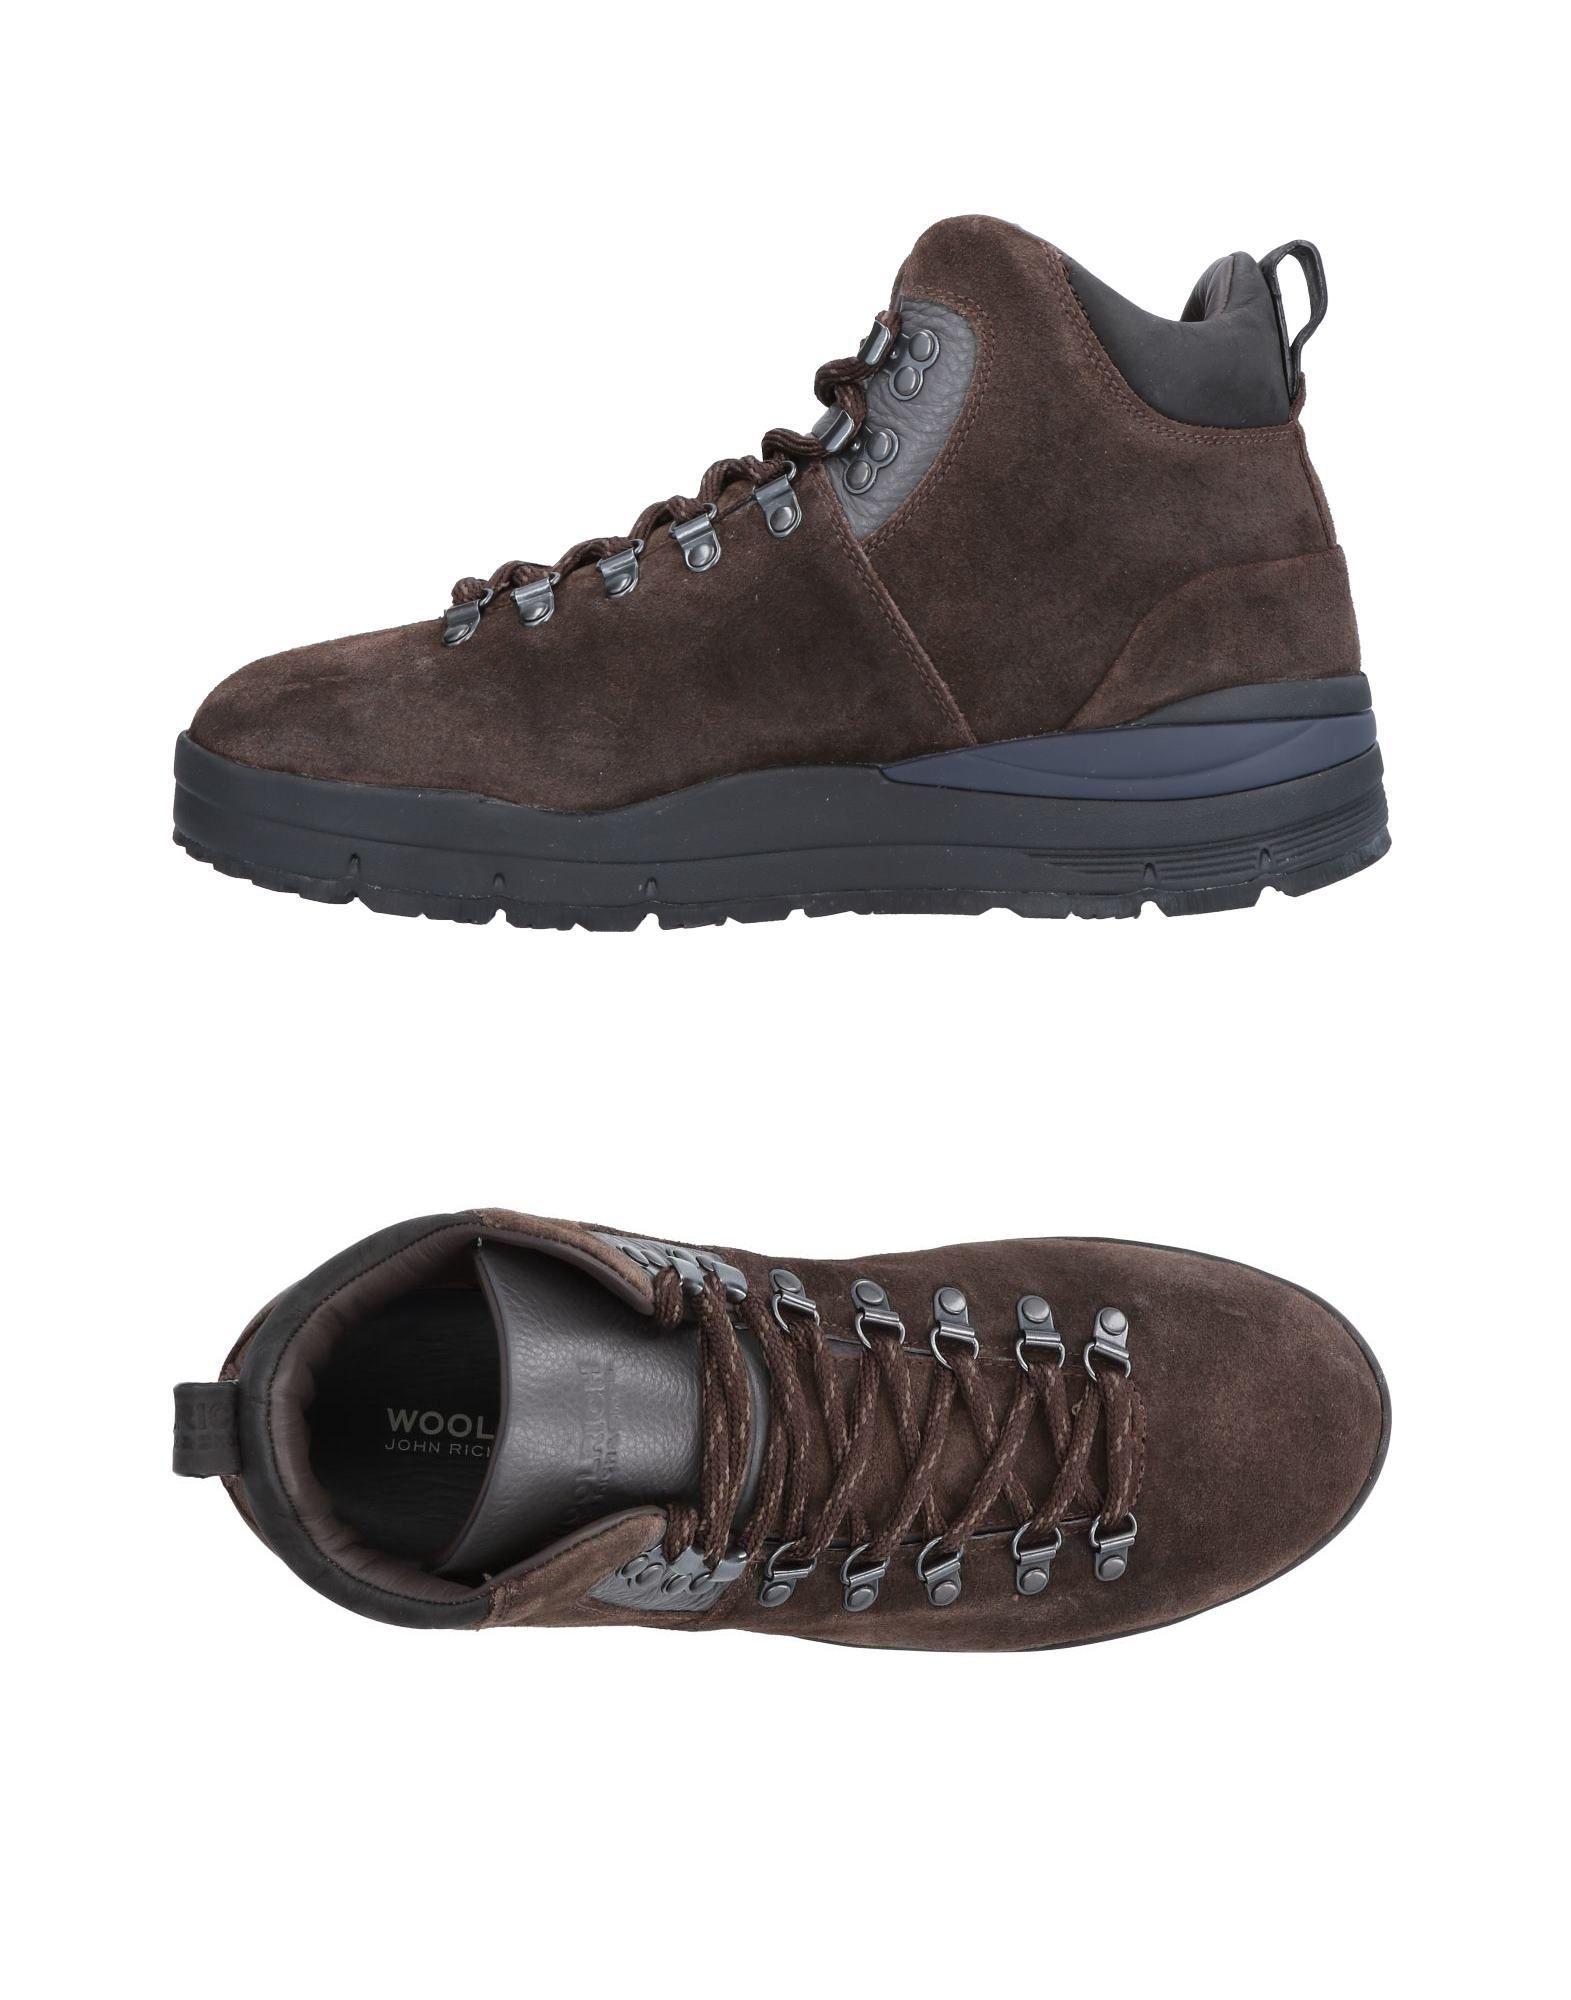 Rabatt echte Schuhe Woolrich Sneakers Herren  11496405BI